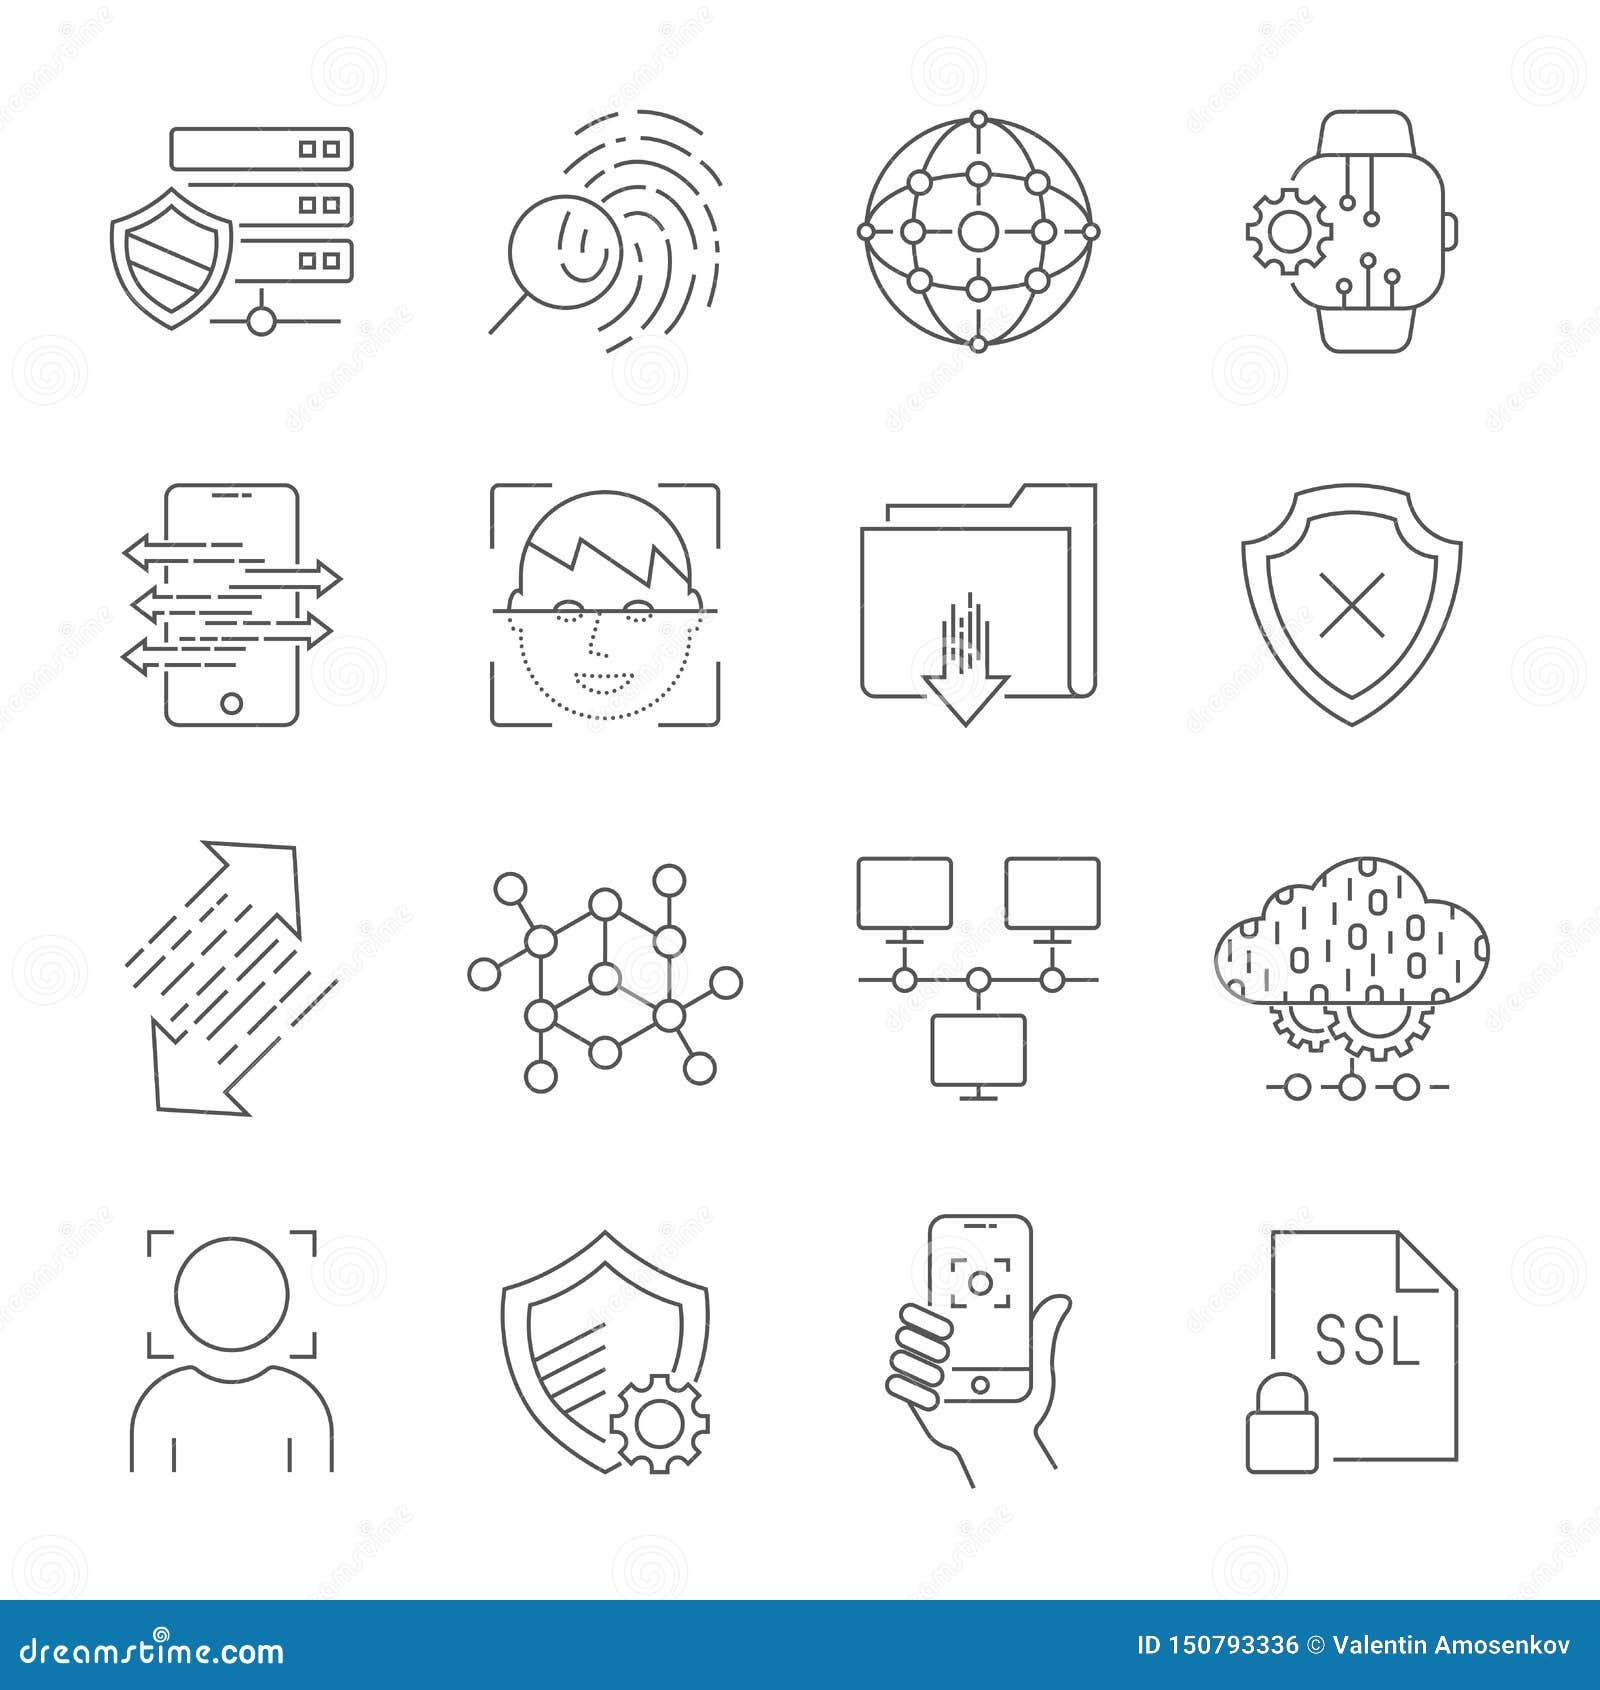 Προσωπικά εικονίδια προστασίας δεδομένων, ασφαλής σύνδεση απολογισμού, σύνδεση ενδιάμεσων με τον χρήστη, αναγνώριση προσώπου, έγκ